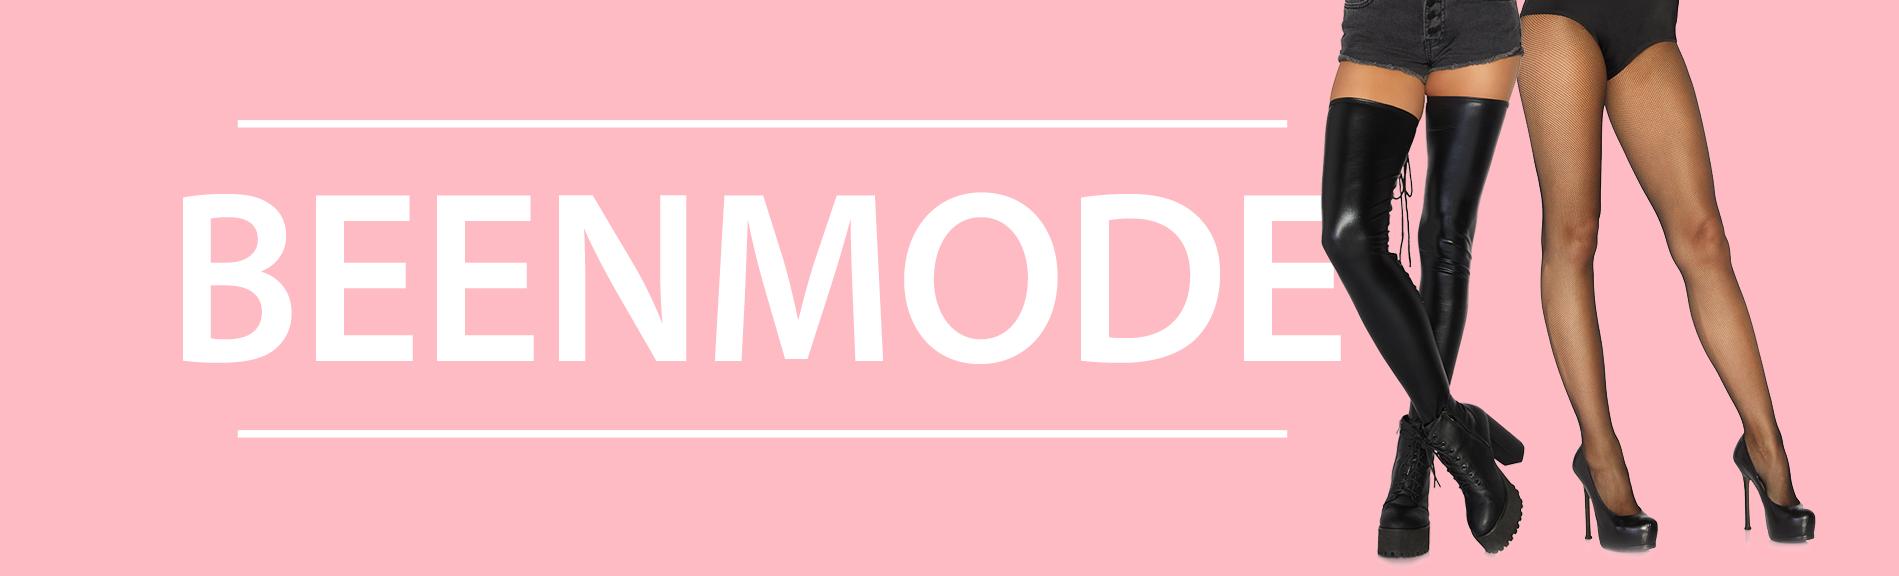 Beenmode